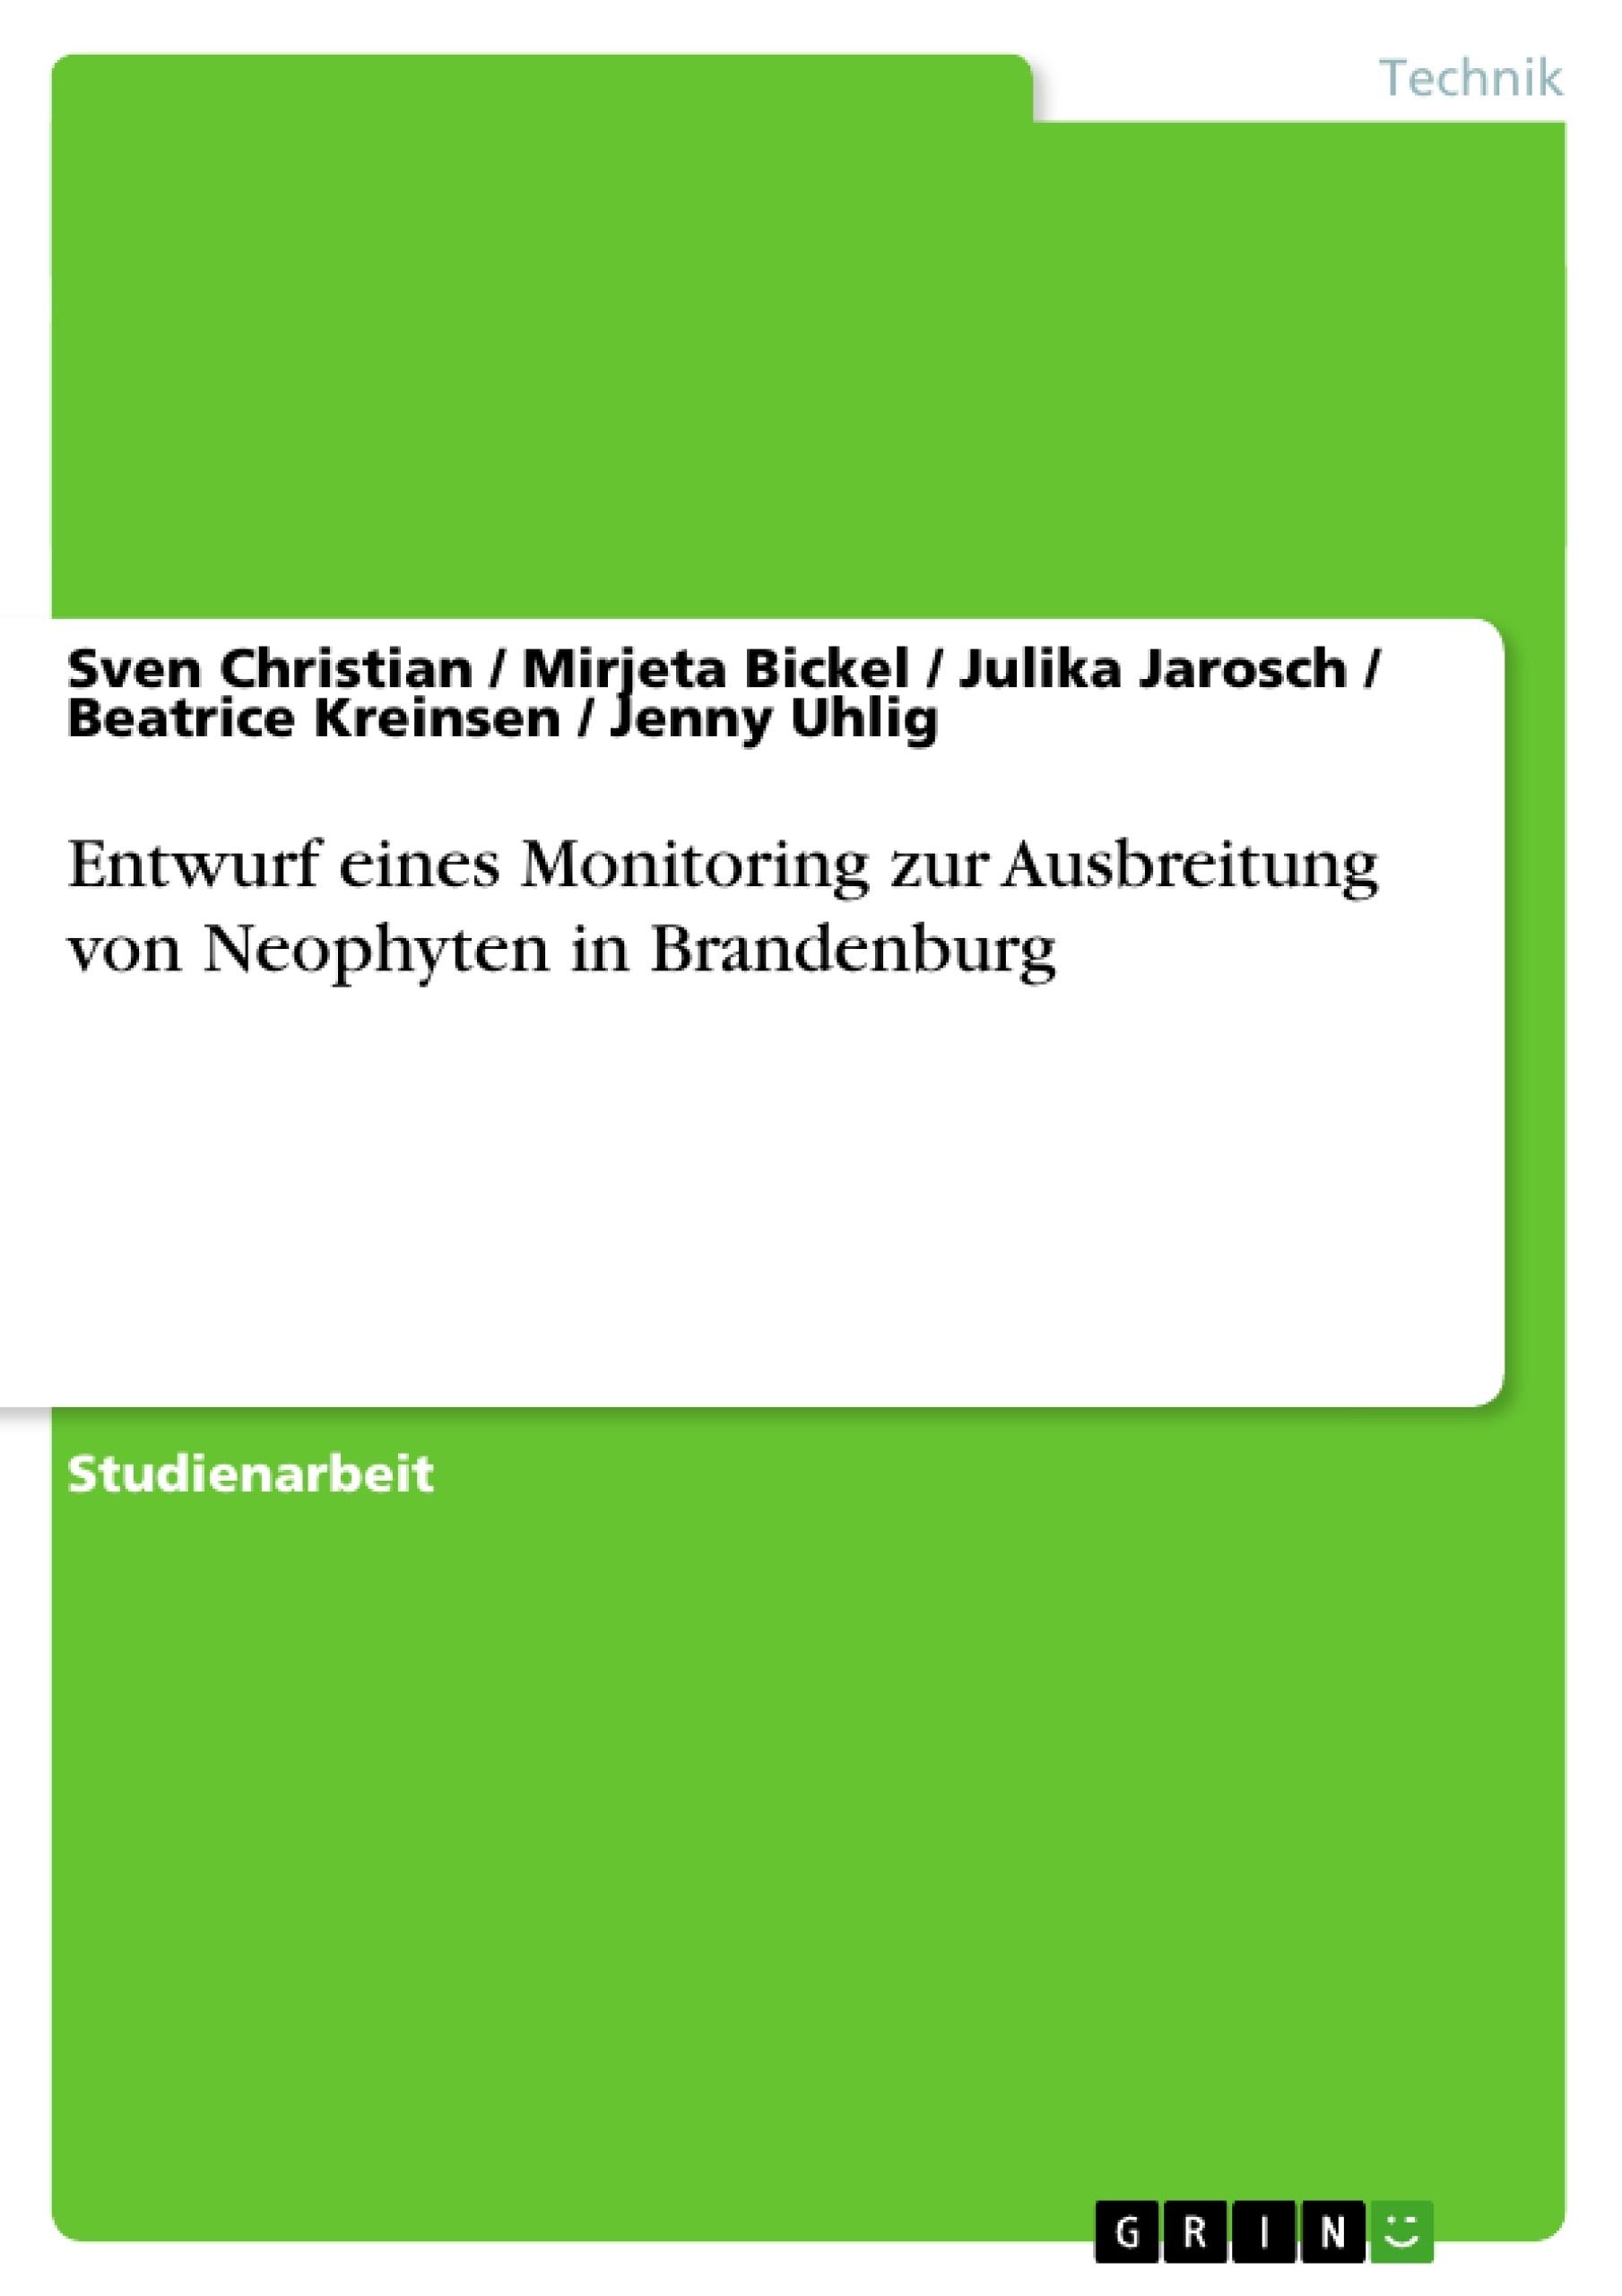 Titel: Entwurf eines Monitoring zur Ausbreitung von Neophyten in Brandenburg